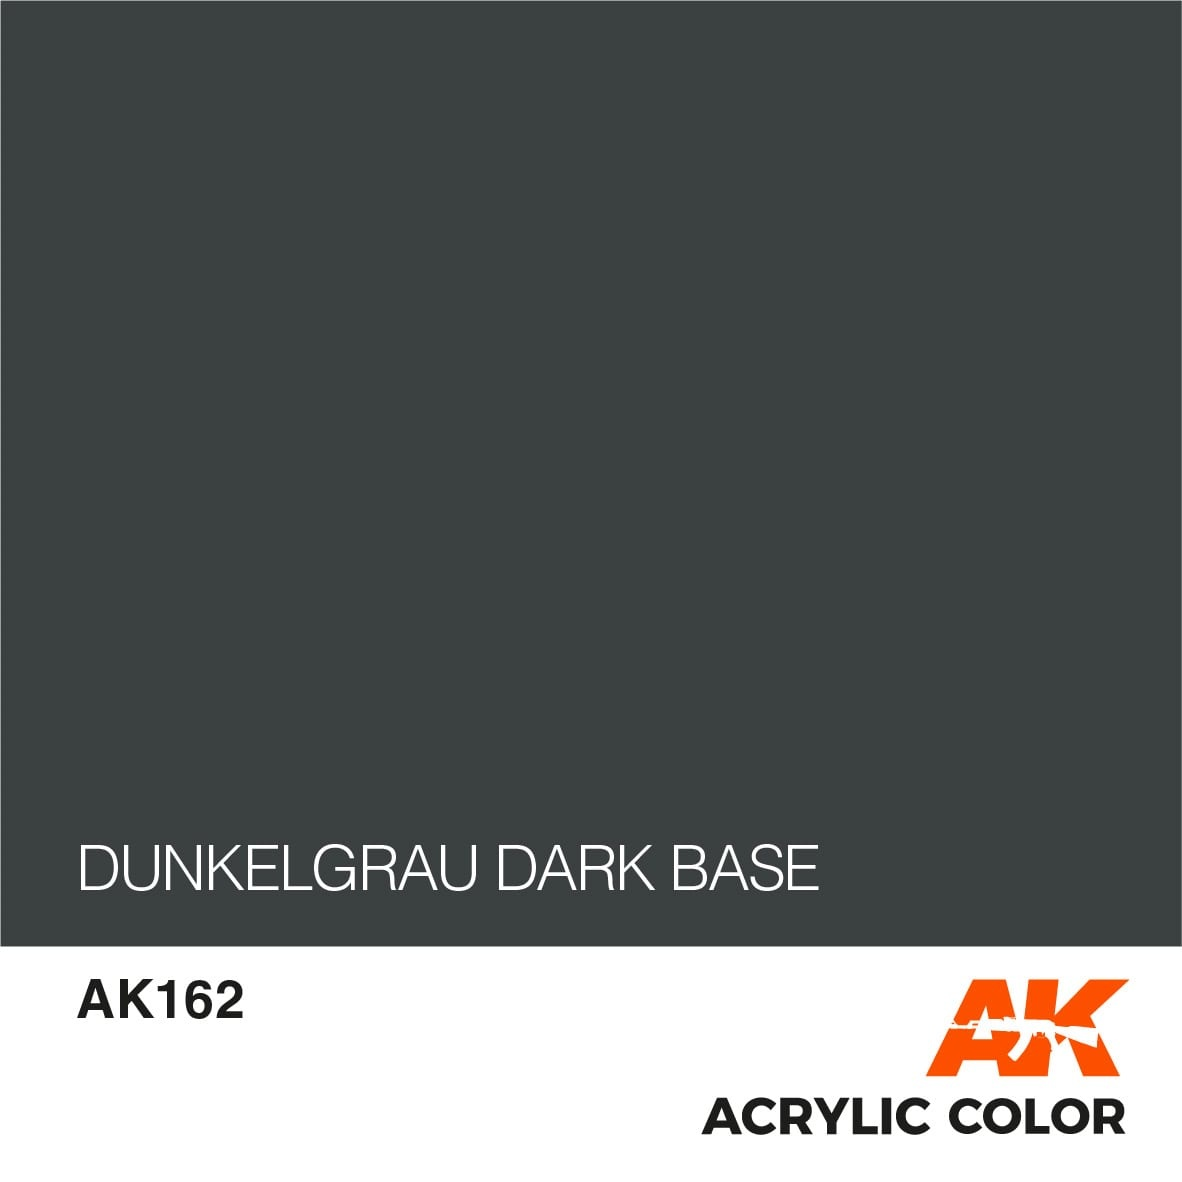 AK-Interactive Dunkelgrau Dark Base - 17ml - AK-Interactive - AK-162